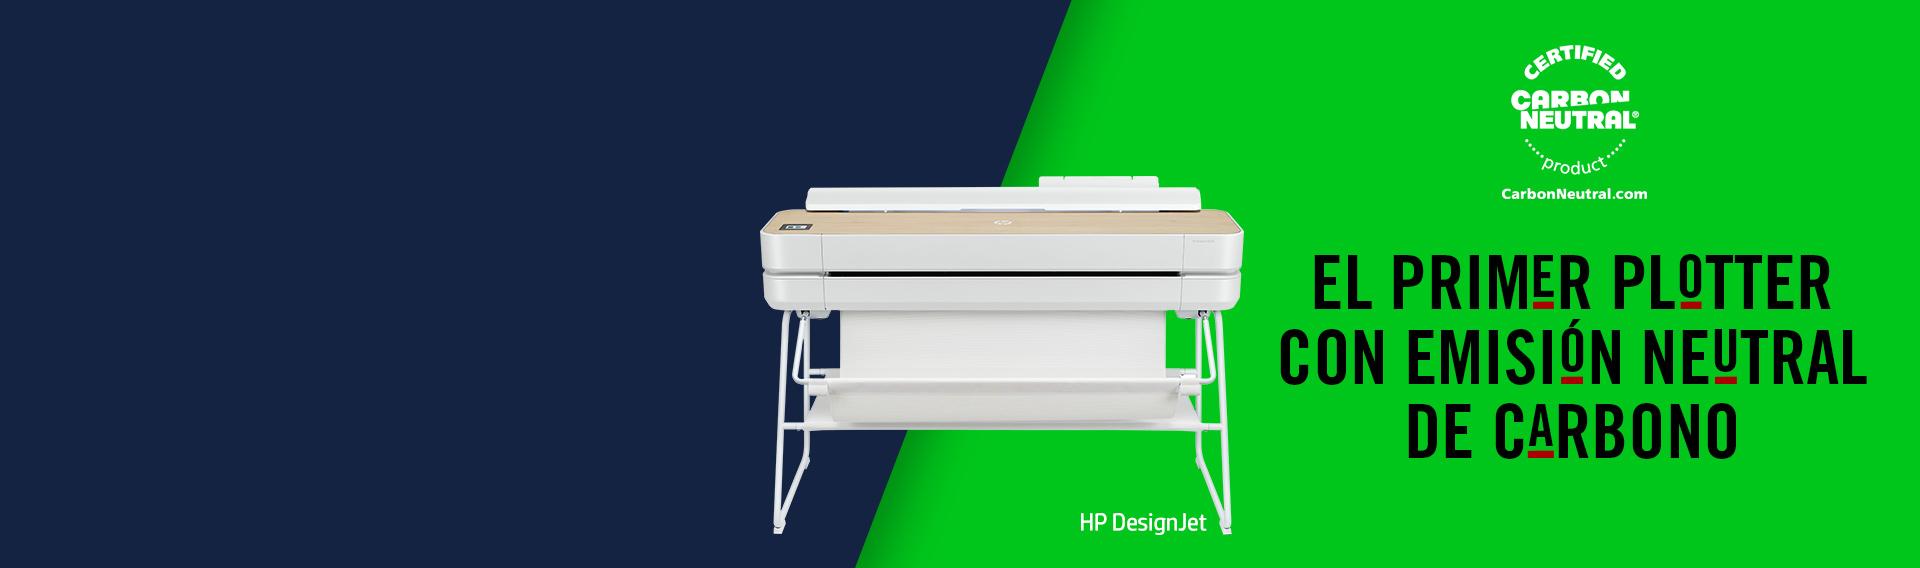 Nueva Serie HP DesignJet, los plotters más sustentables.